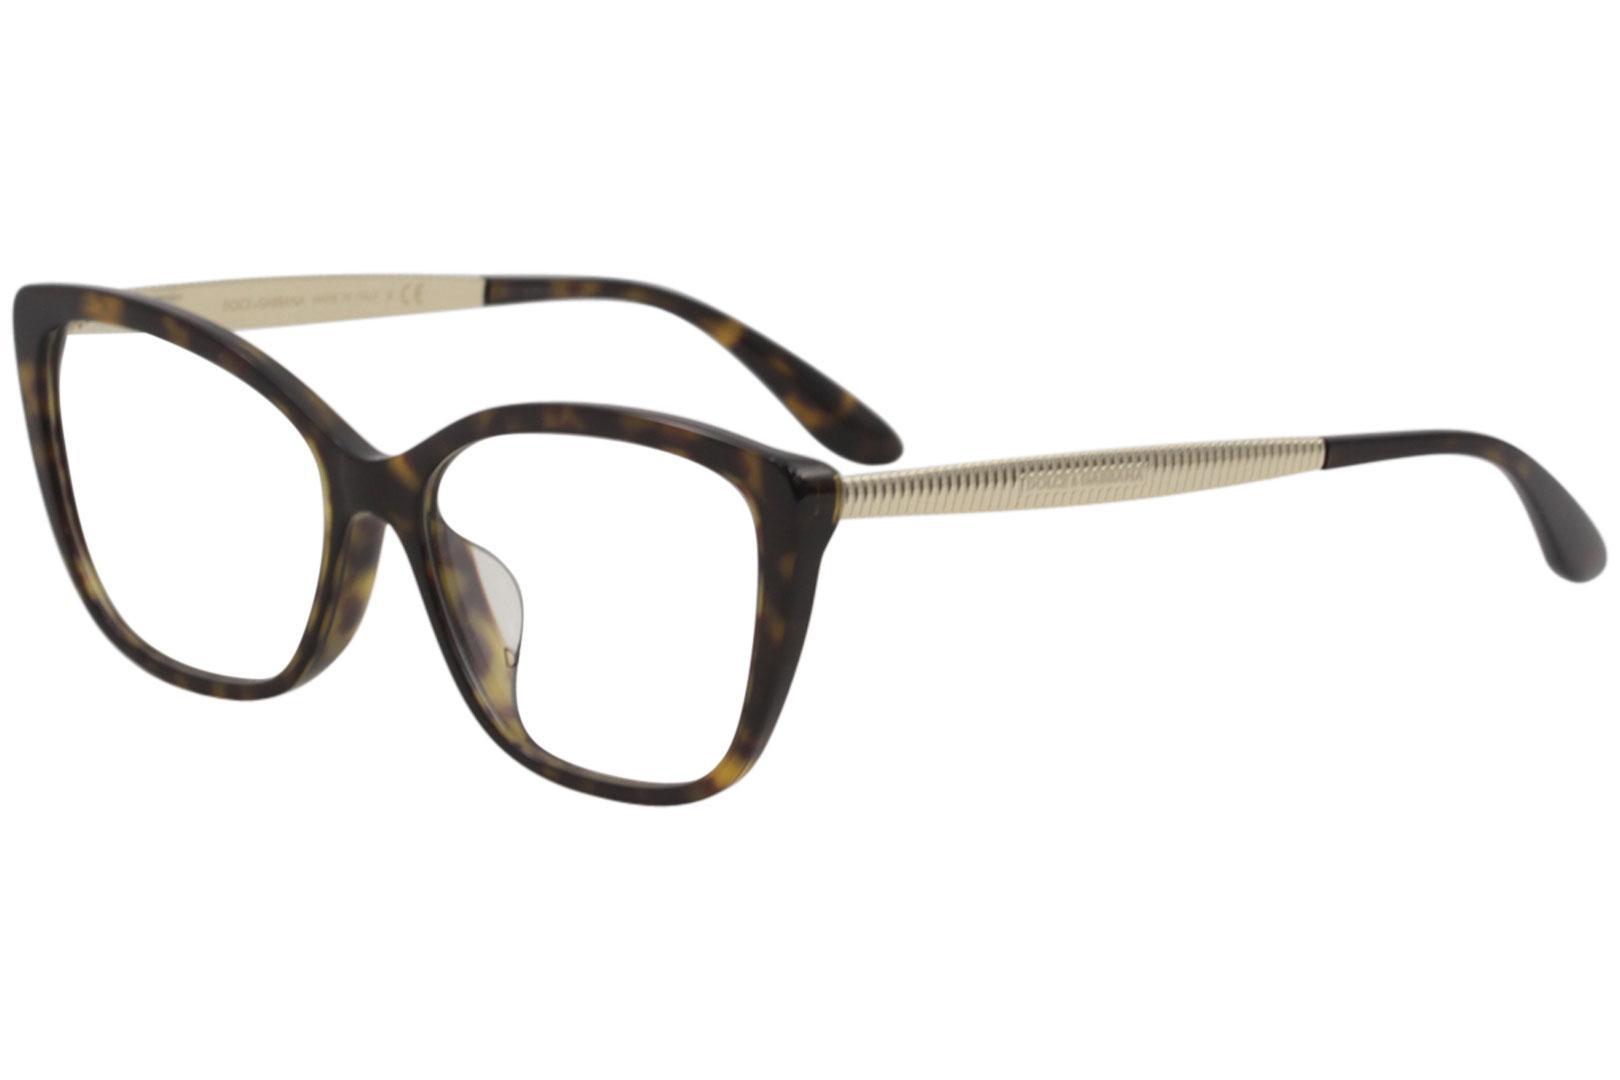 3a5706146b0 Dolce   Gabbana Women s Eyeglasses D G DG3280F DG 3280 F Full Rim Optical  Frame